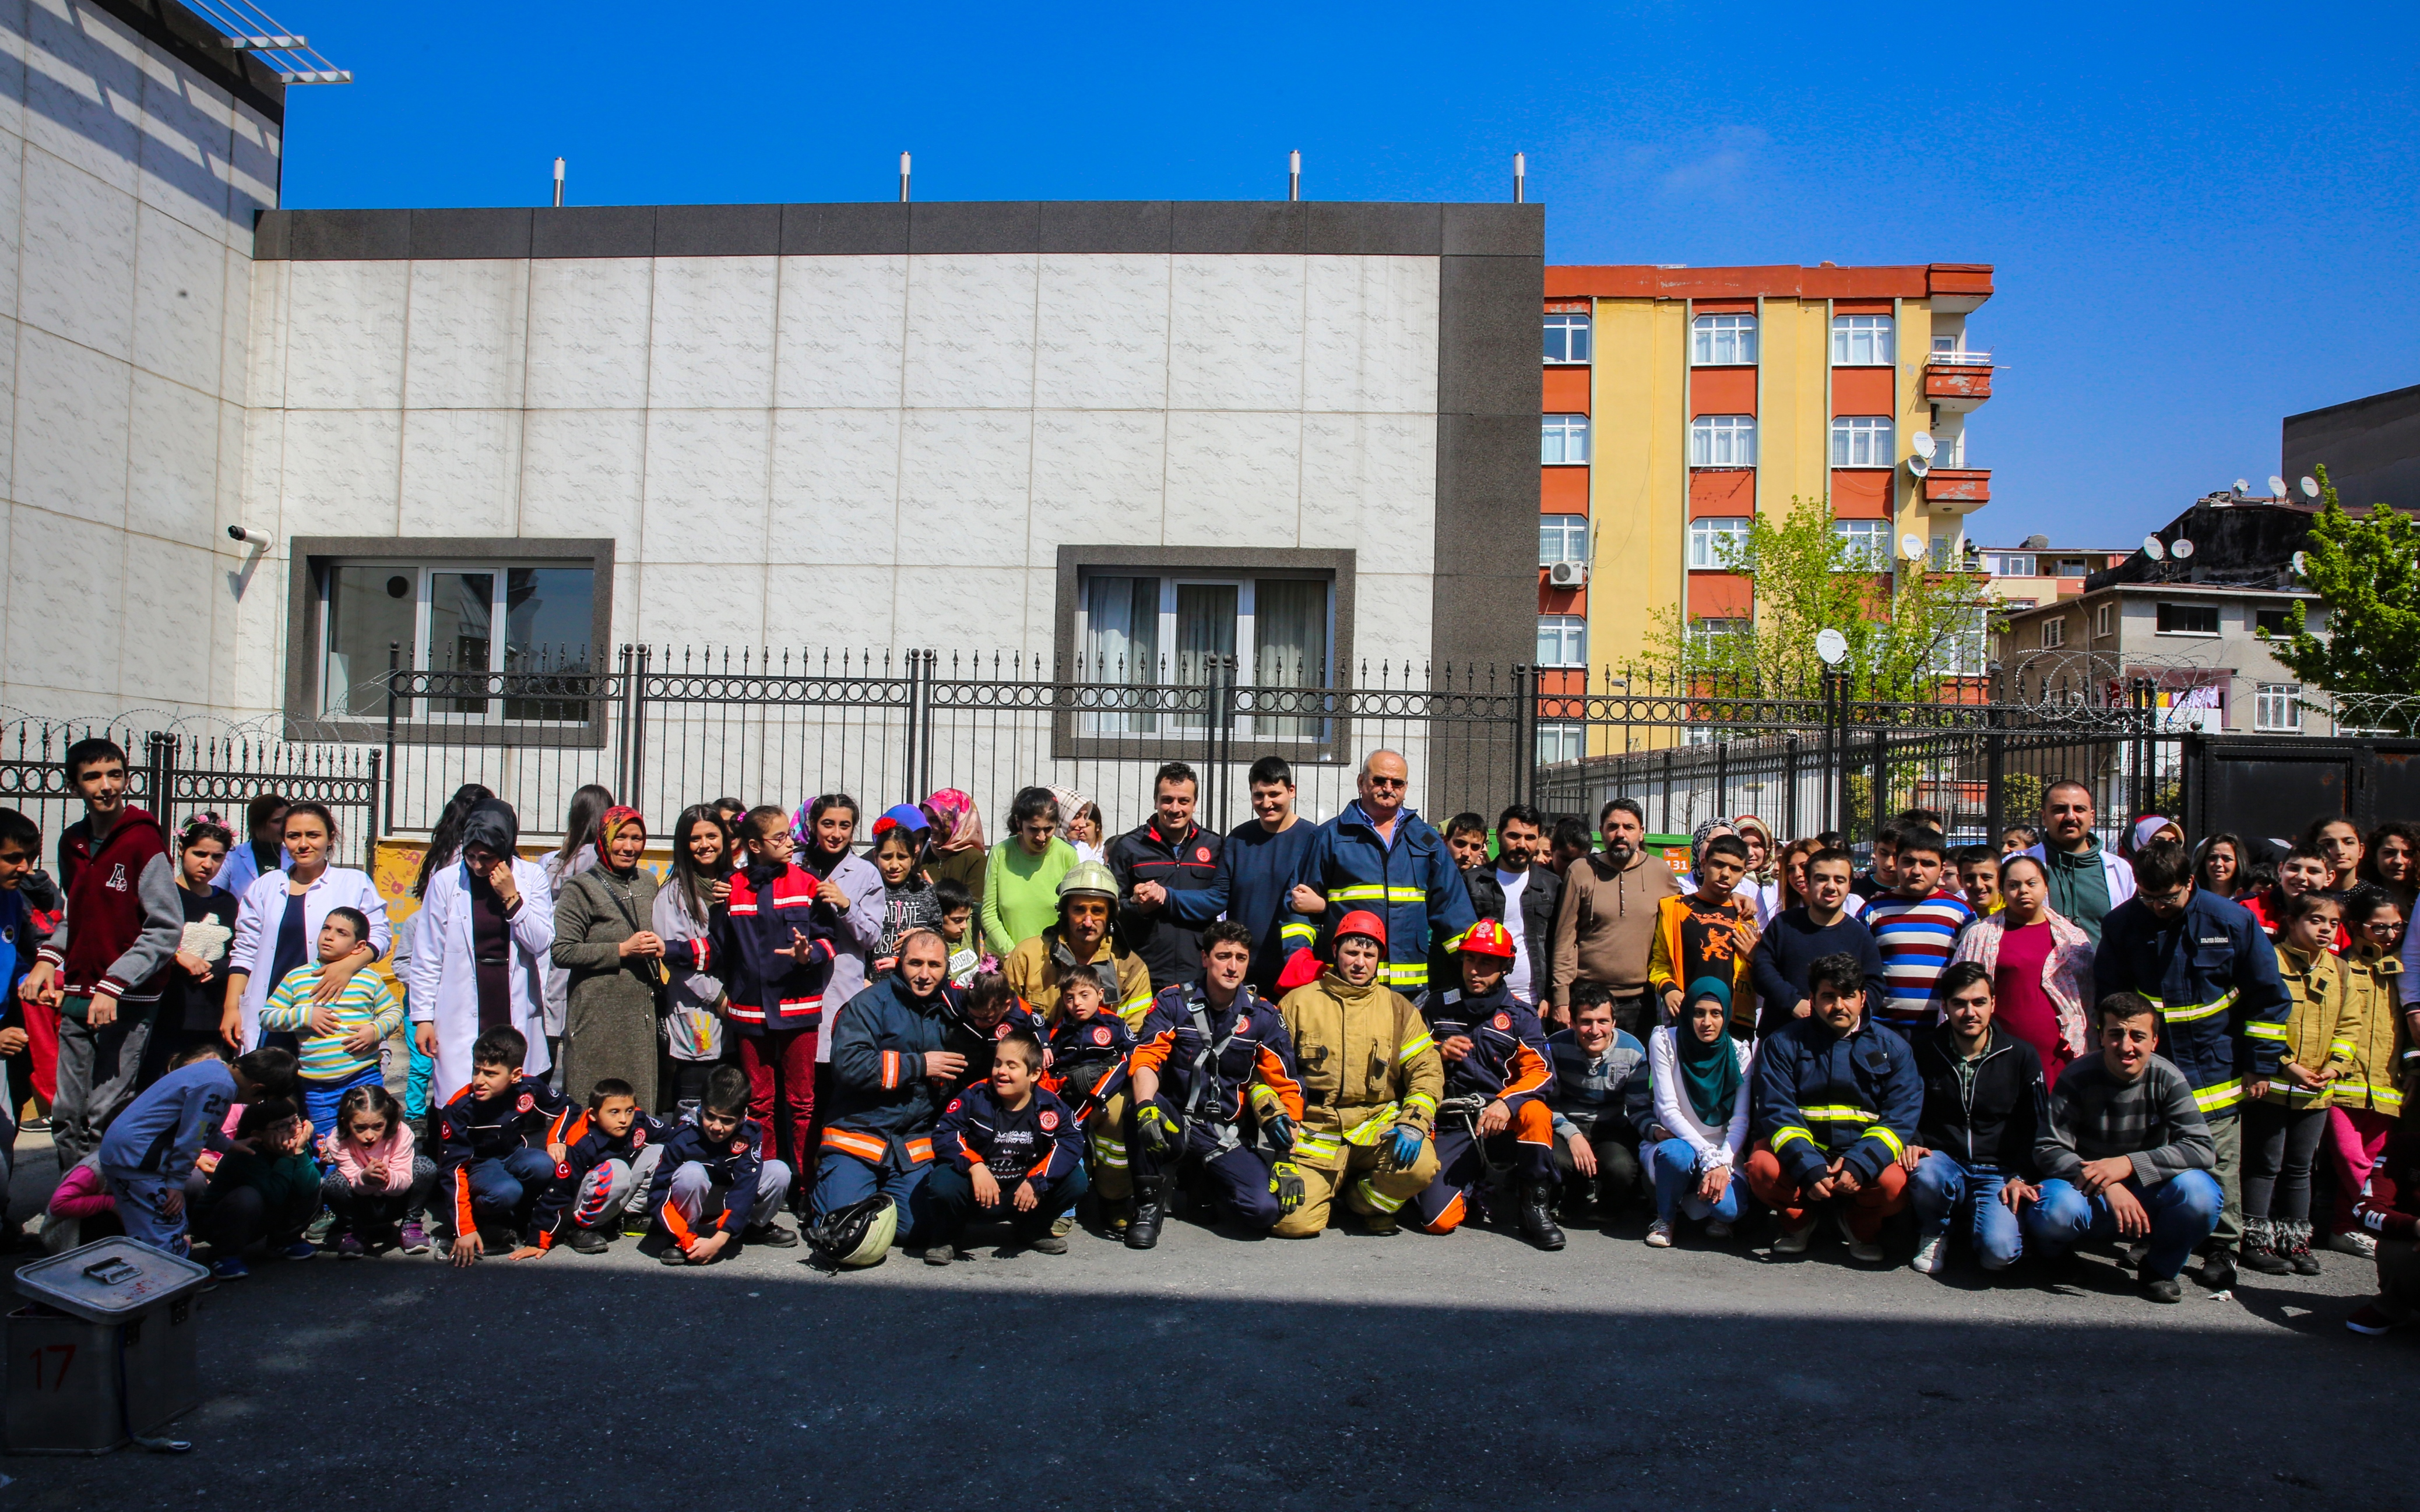 Engelli vatandaşlarımızı yangına karşı bilinçlendiriyoruz - Haberler - İstanbul İtfaiyesi